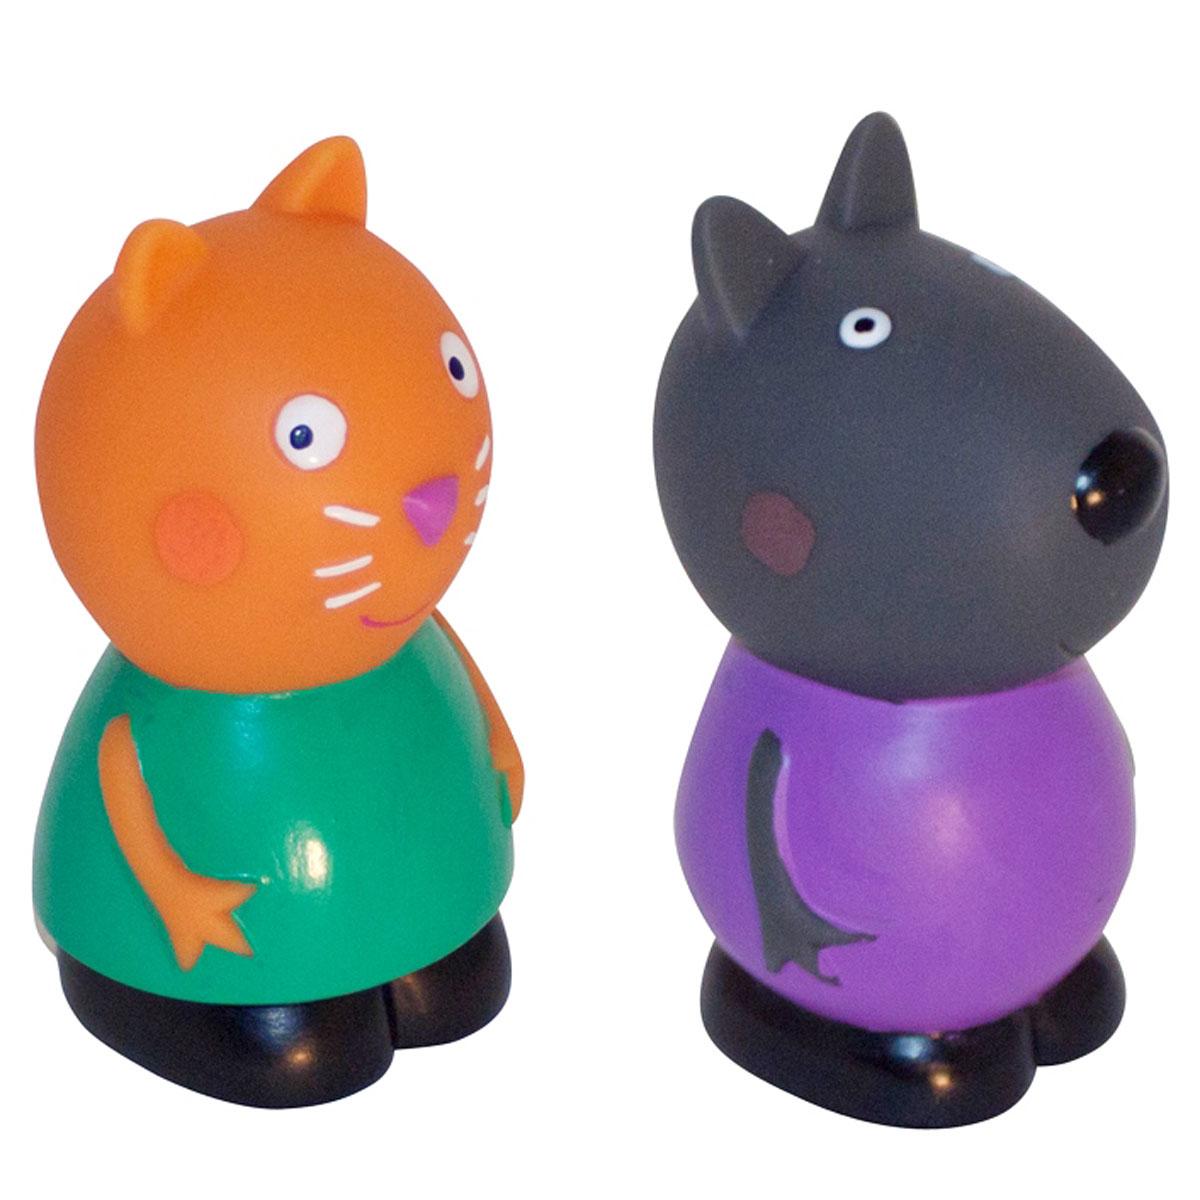 Peppa Pig Игровой набор Кенди и Денни28792Игровой набор Peppa Pig Кенди и Денни непременно понравится вашему ребенку и займет его внимание надолго. Набор включает две фигурки: котенка Кенди и щенка Денни. Фигурки выполнены из мягкого пластизоля. Ваш ребенок будет с удовольствием играть с этим набором, придумывая различные истории и составляя собственные сюжеты. Пеппа - симпатичная маленькая свинка, которая живет вместе со своими Мамой Свинкой, Папой Свином и маленьким братиком Джорджем. Пеппа обожает играть, наряжаться, бывать в новых местах и заводить новые знакомства, но самое любимое занятие Пеппы - прыгать в грязных лужах. Герои мультфильма наделены частично качествами людей, частично качествами животных. Они ходят в одежде, живут в домах, ездят на машинах, ходят на работу и в театр. Дети отмечают дни рождения, играют в парках, катаются на катках и занимаются всем, что присуще людям. В то же время свинки постоянно хрюкают, овечки блеют, а кошки мяукают. Игровой набор Peppa Pig Кенди и Денни станет отличным...